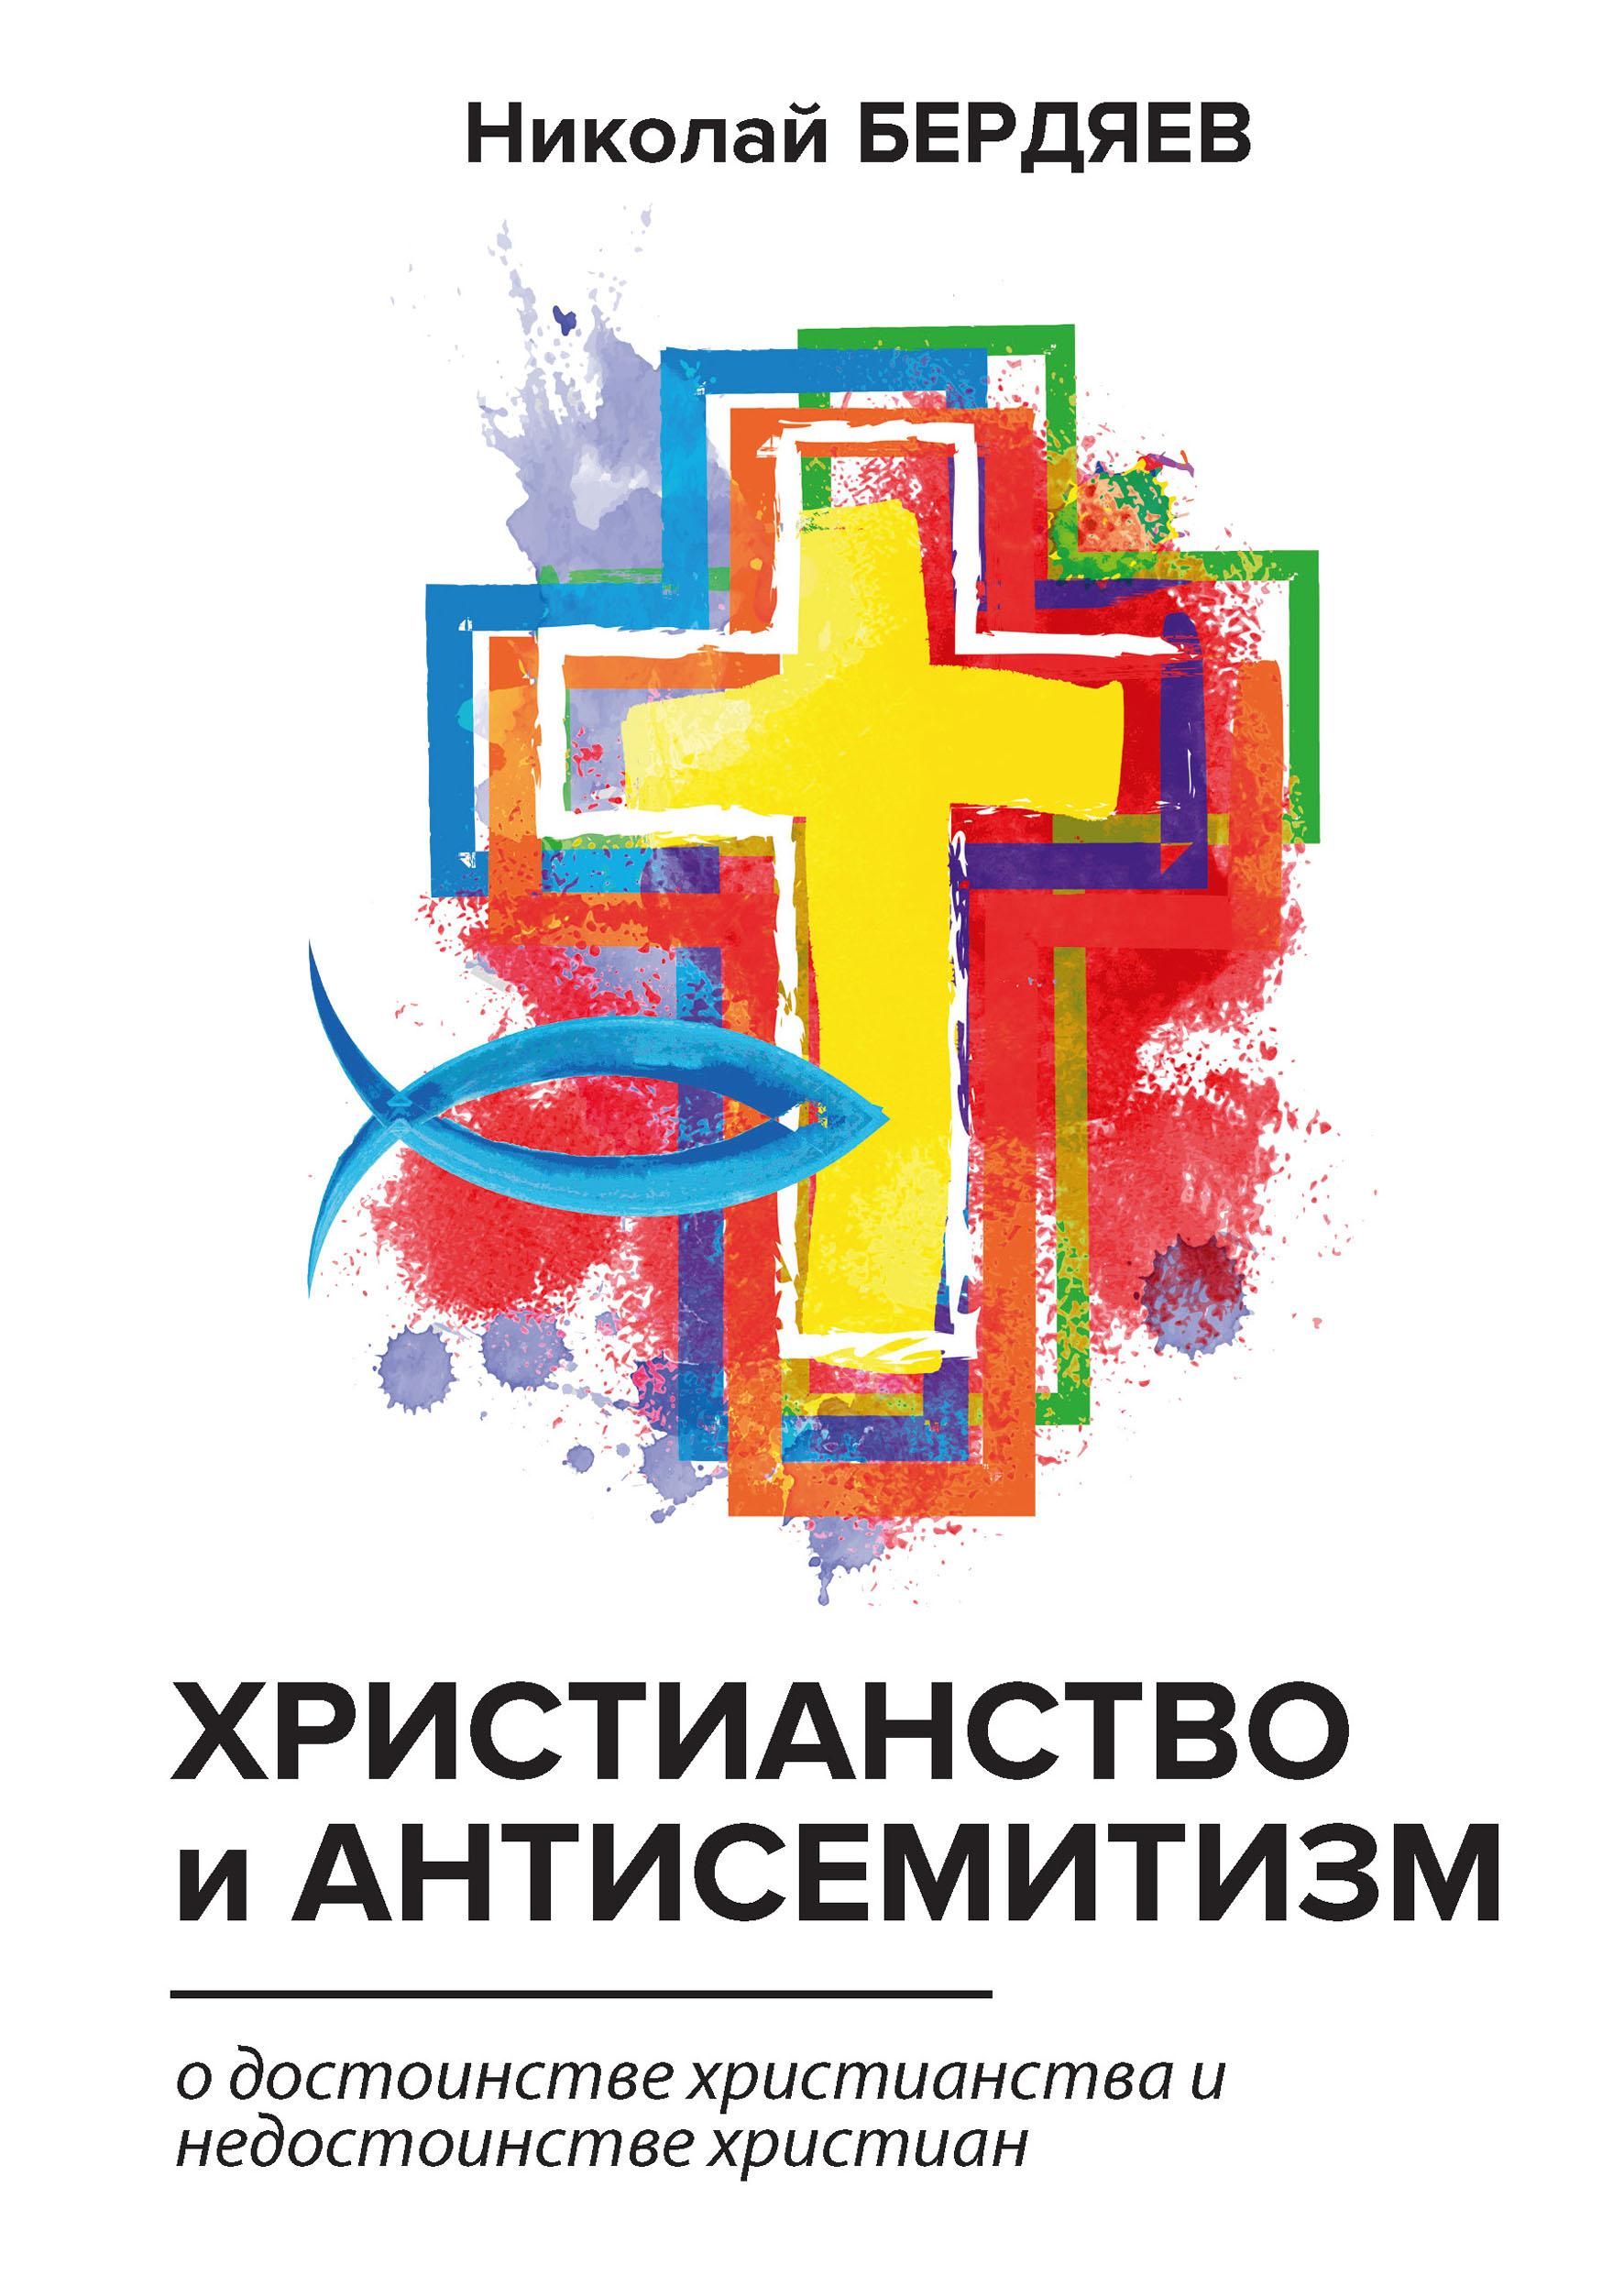 Христианство и антисемитизм. Николай Бердяев